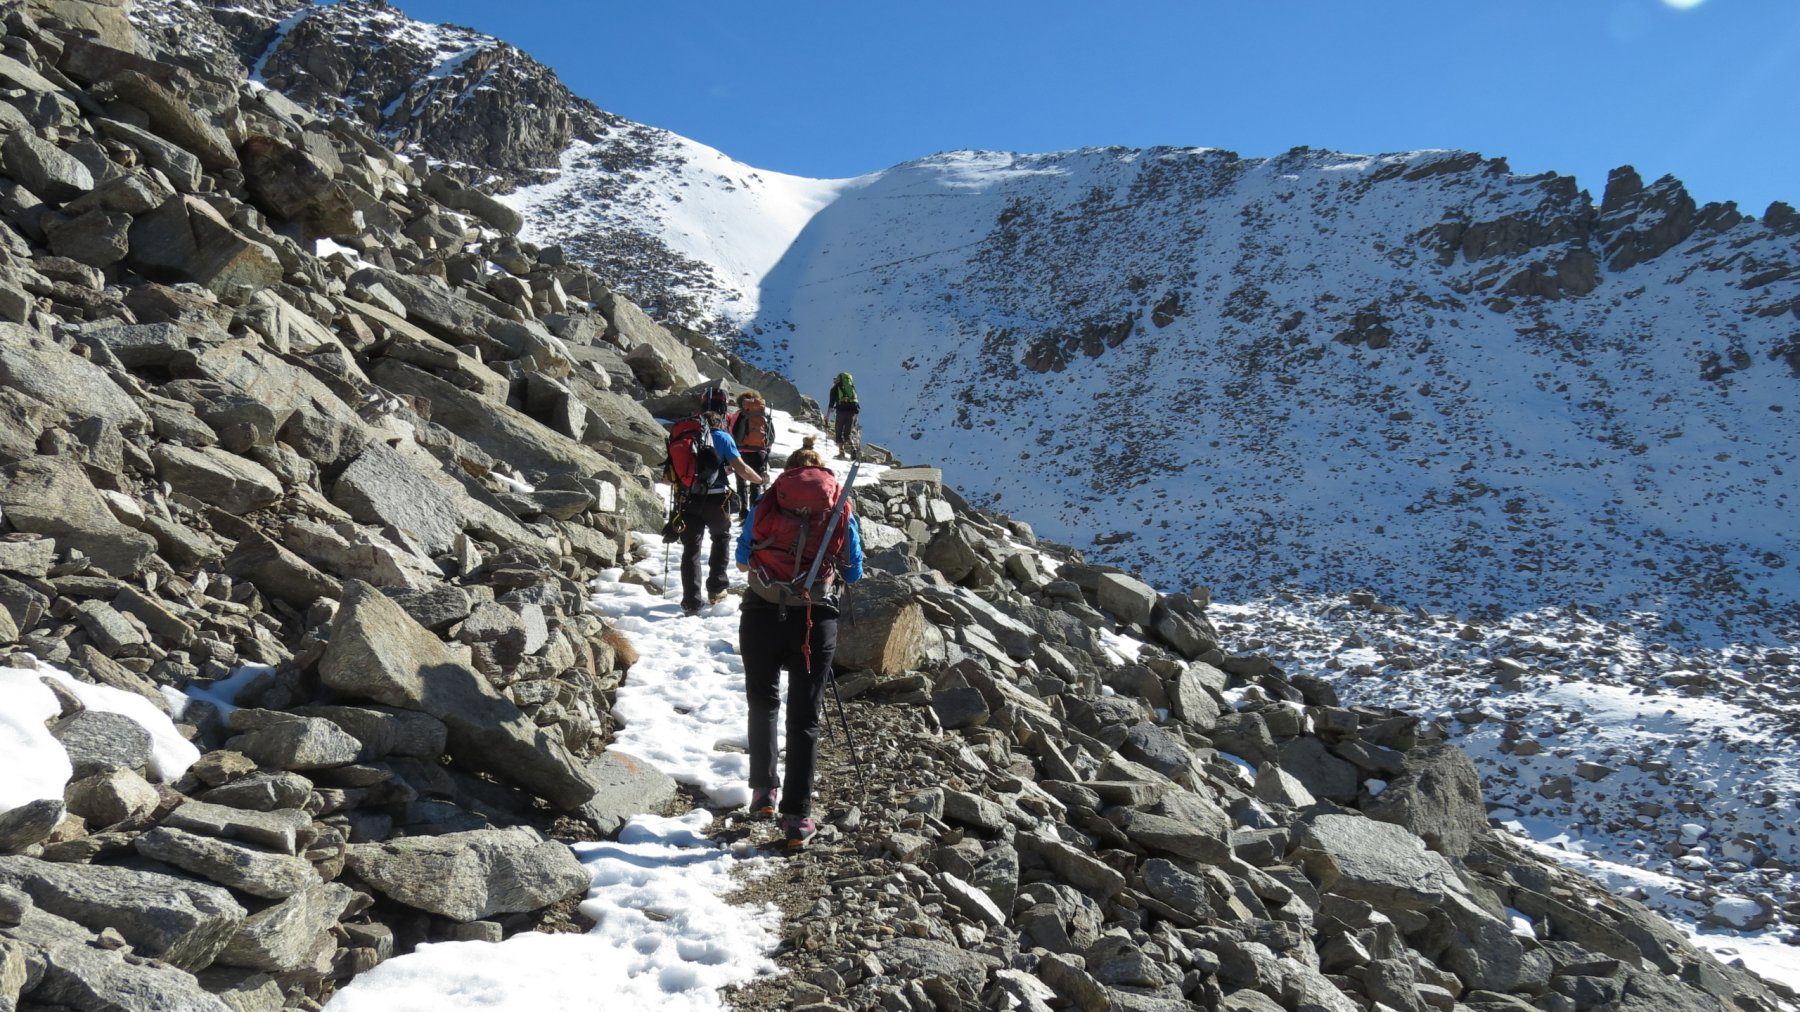 ripreso il sentiero a quota 2700 m si punta al Colle della Terra